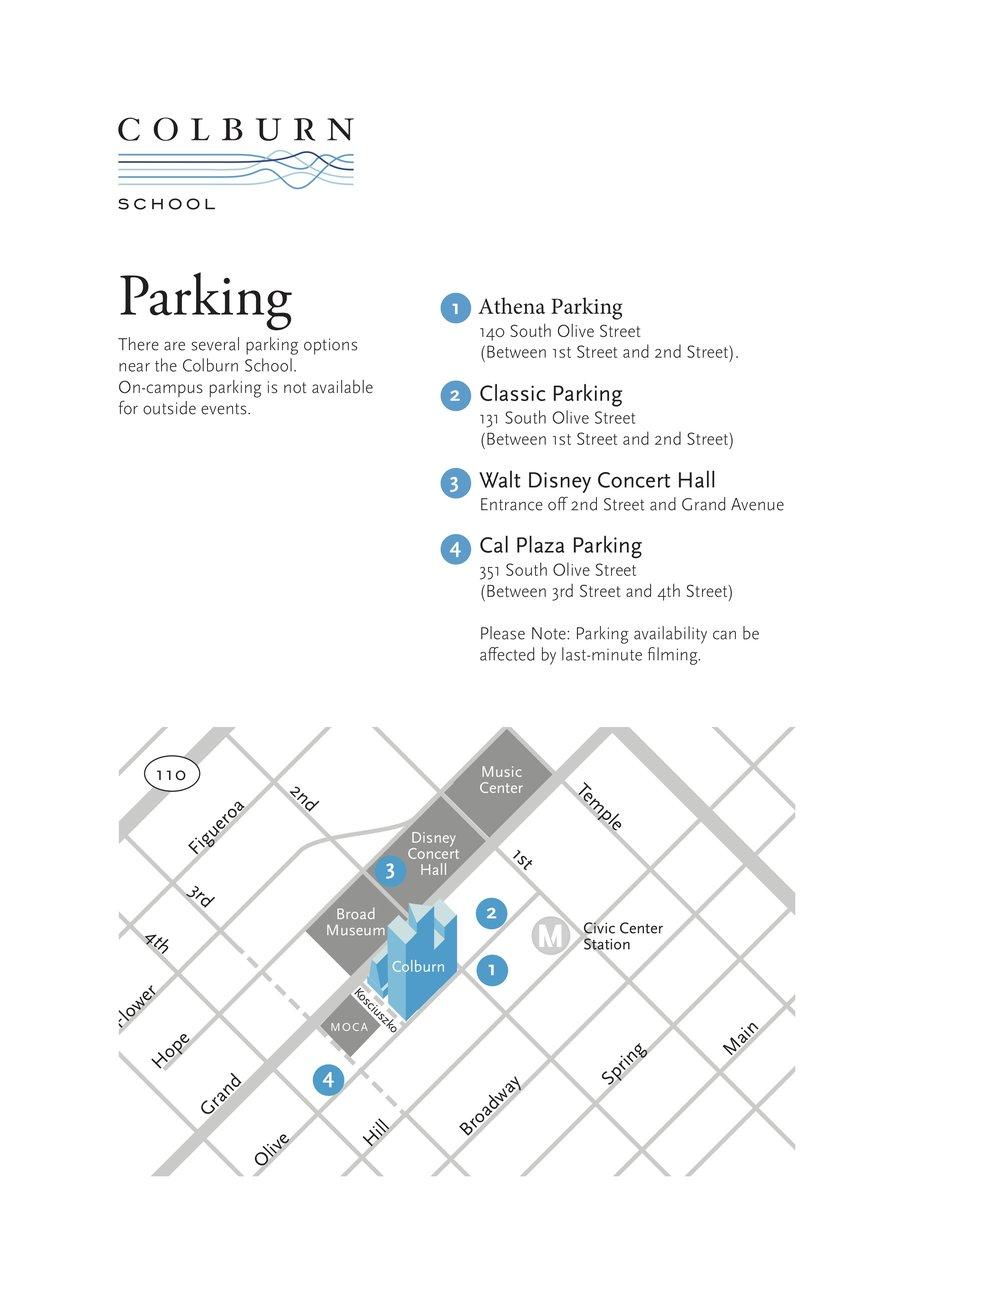 Colburn Parking Guide.jpg